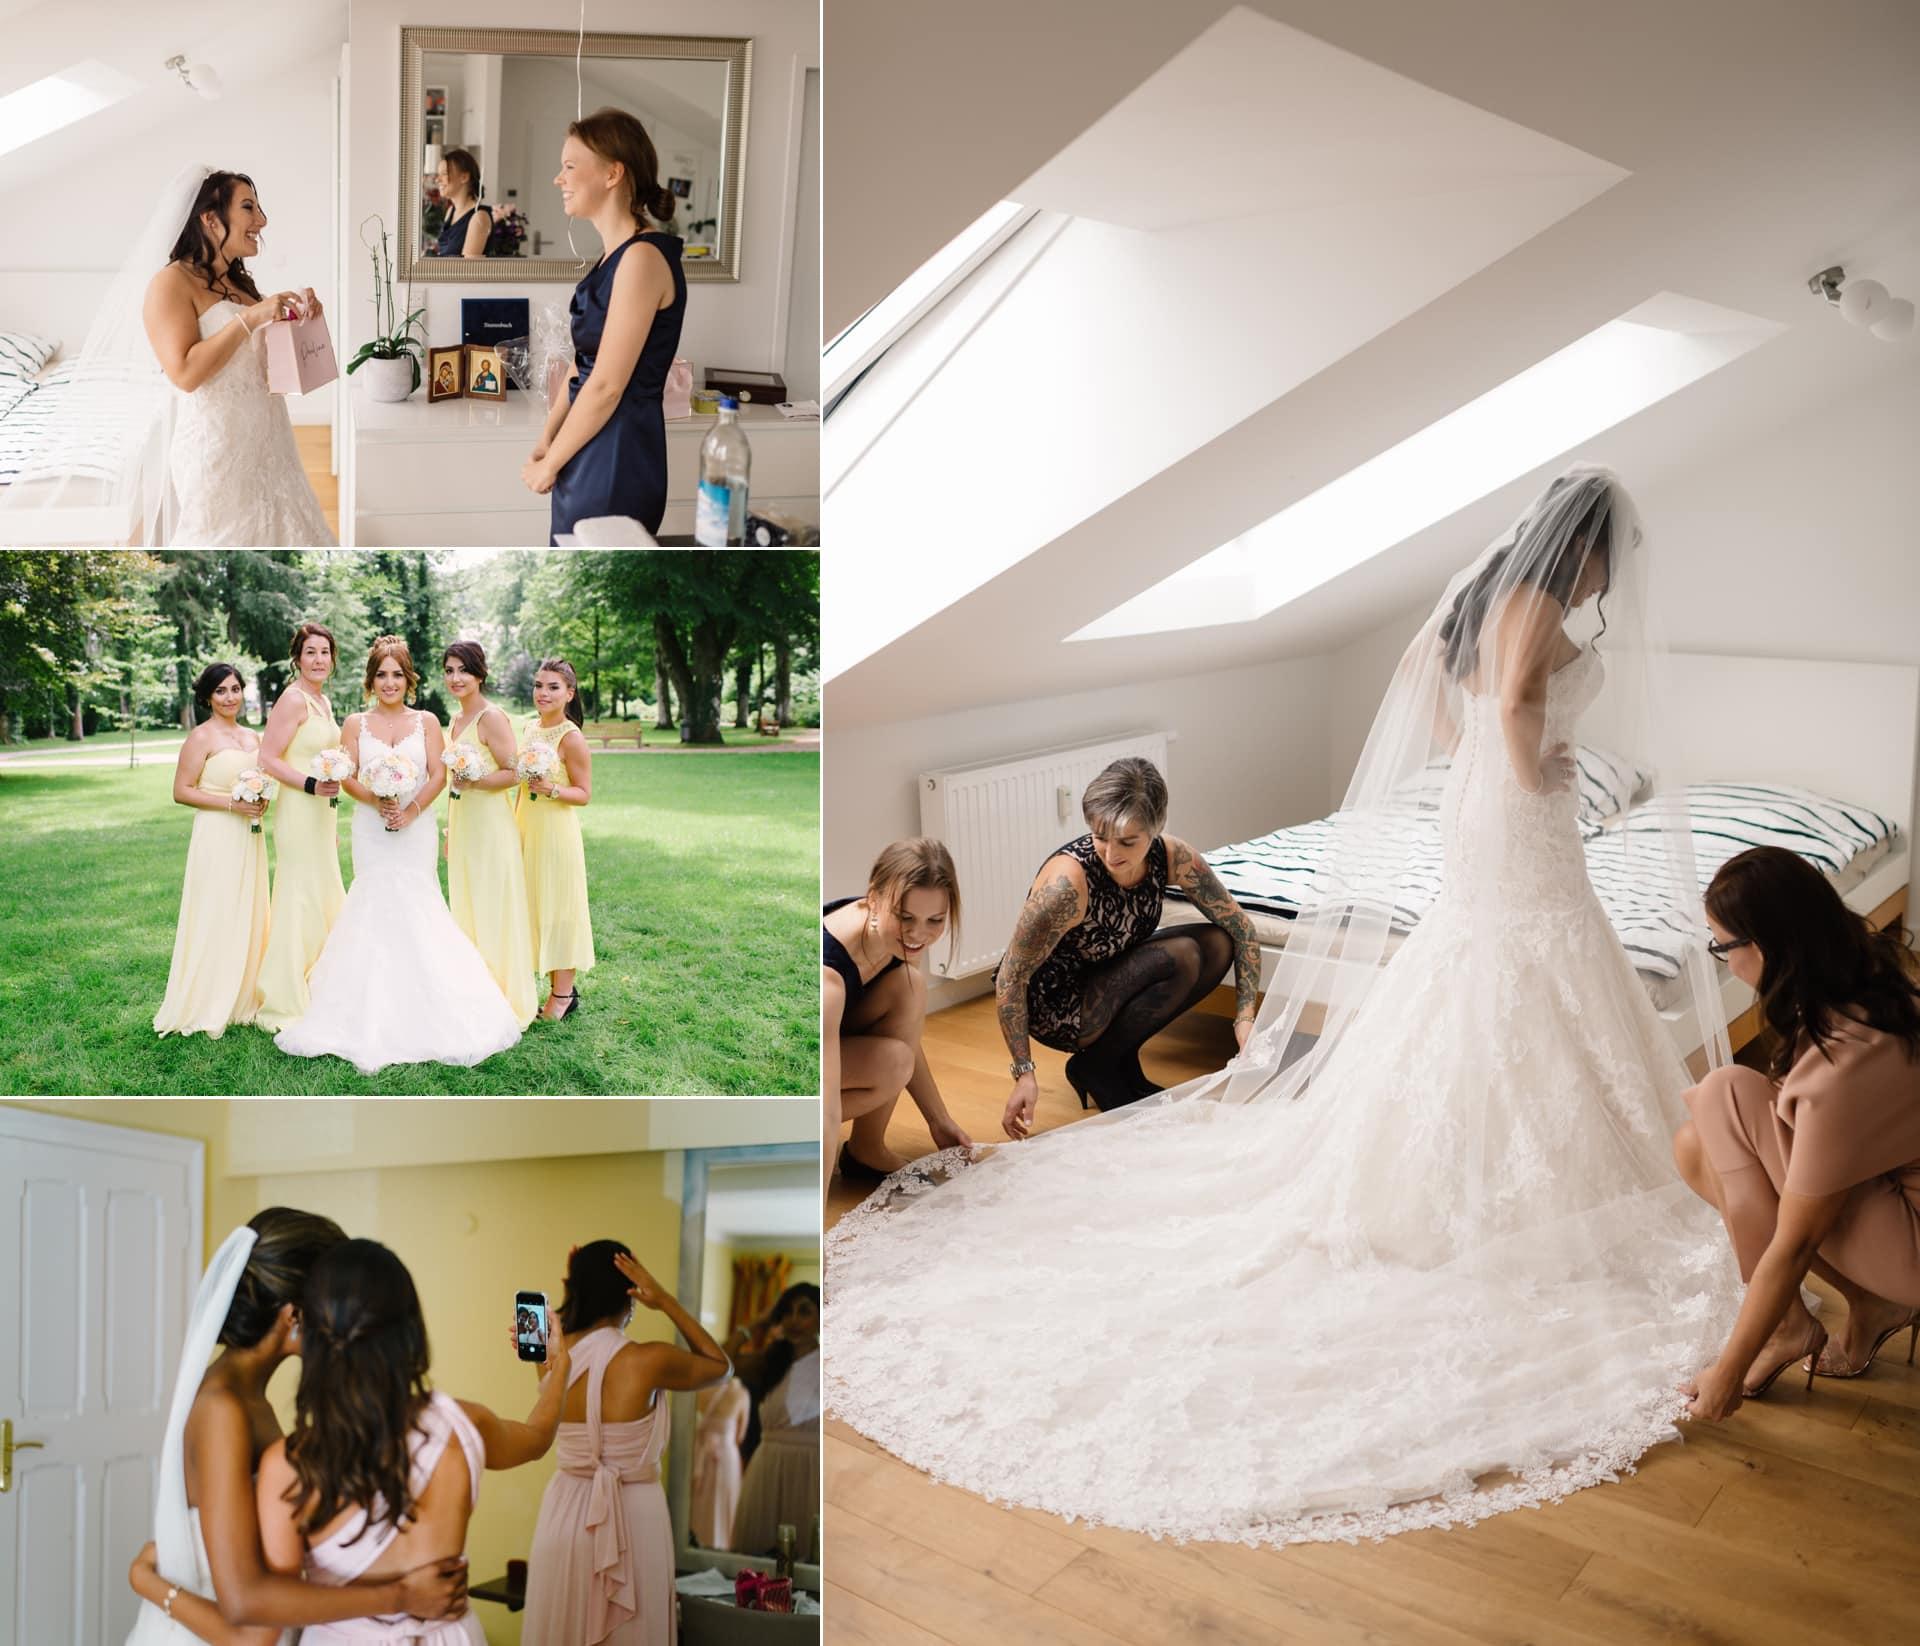 Die Trauzeugin hilft der Braut